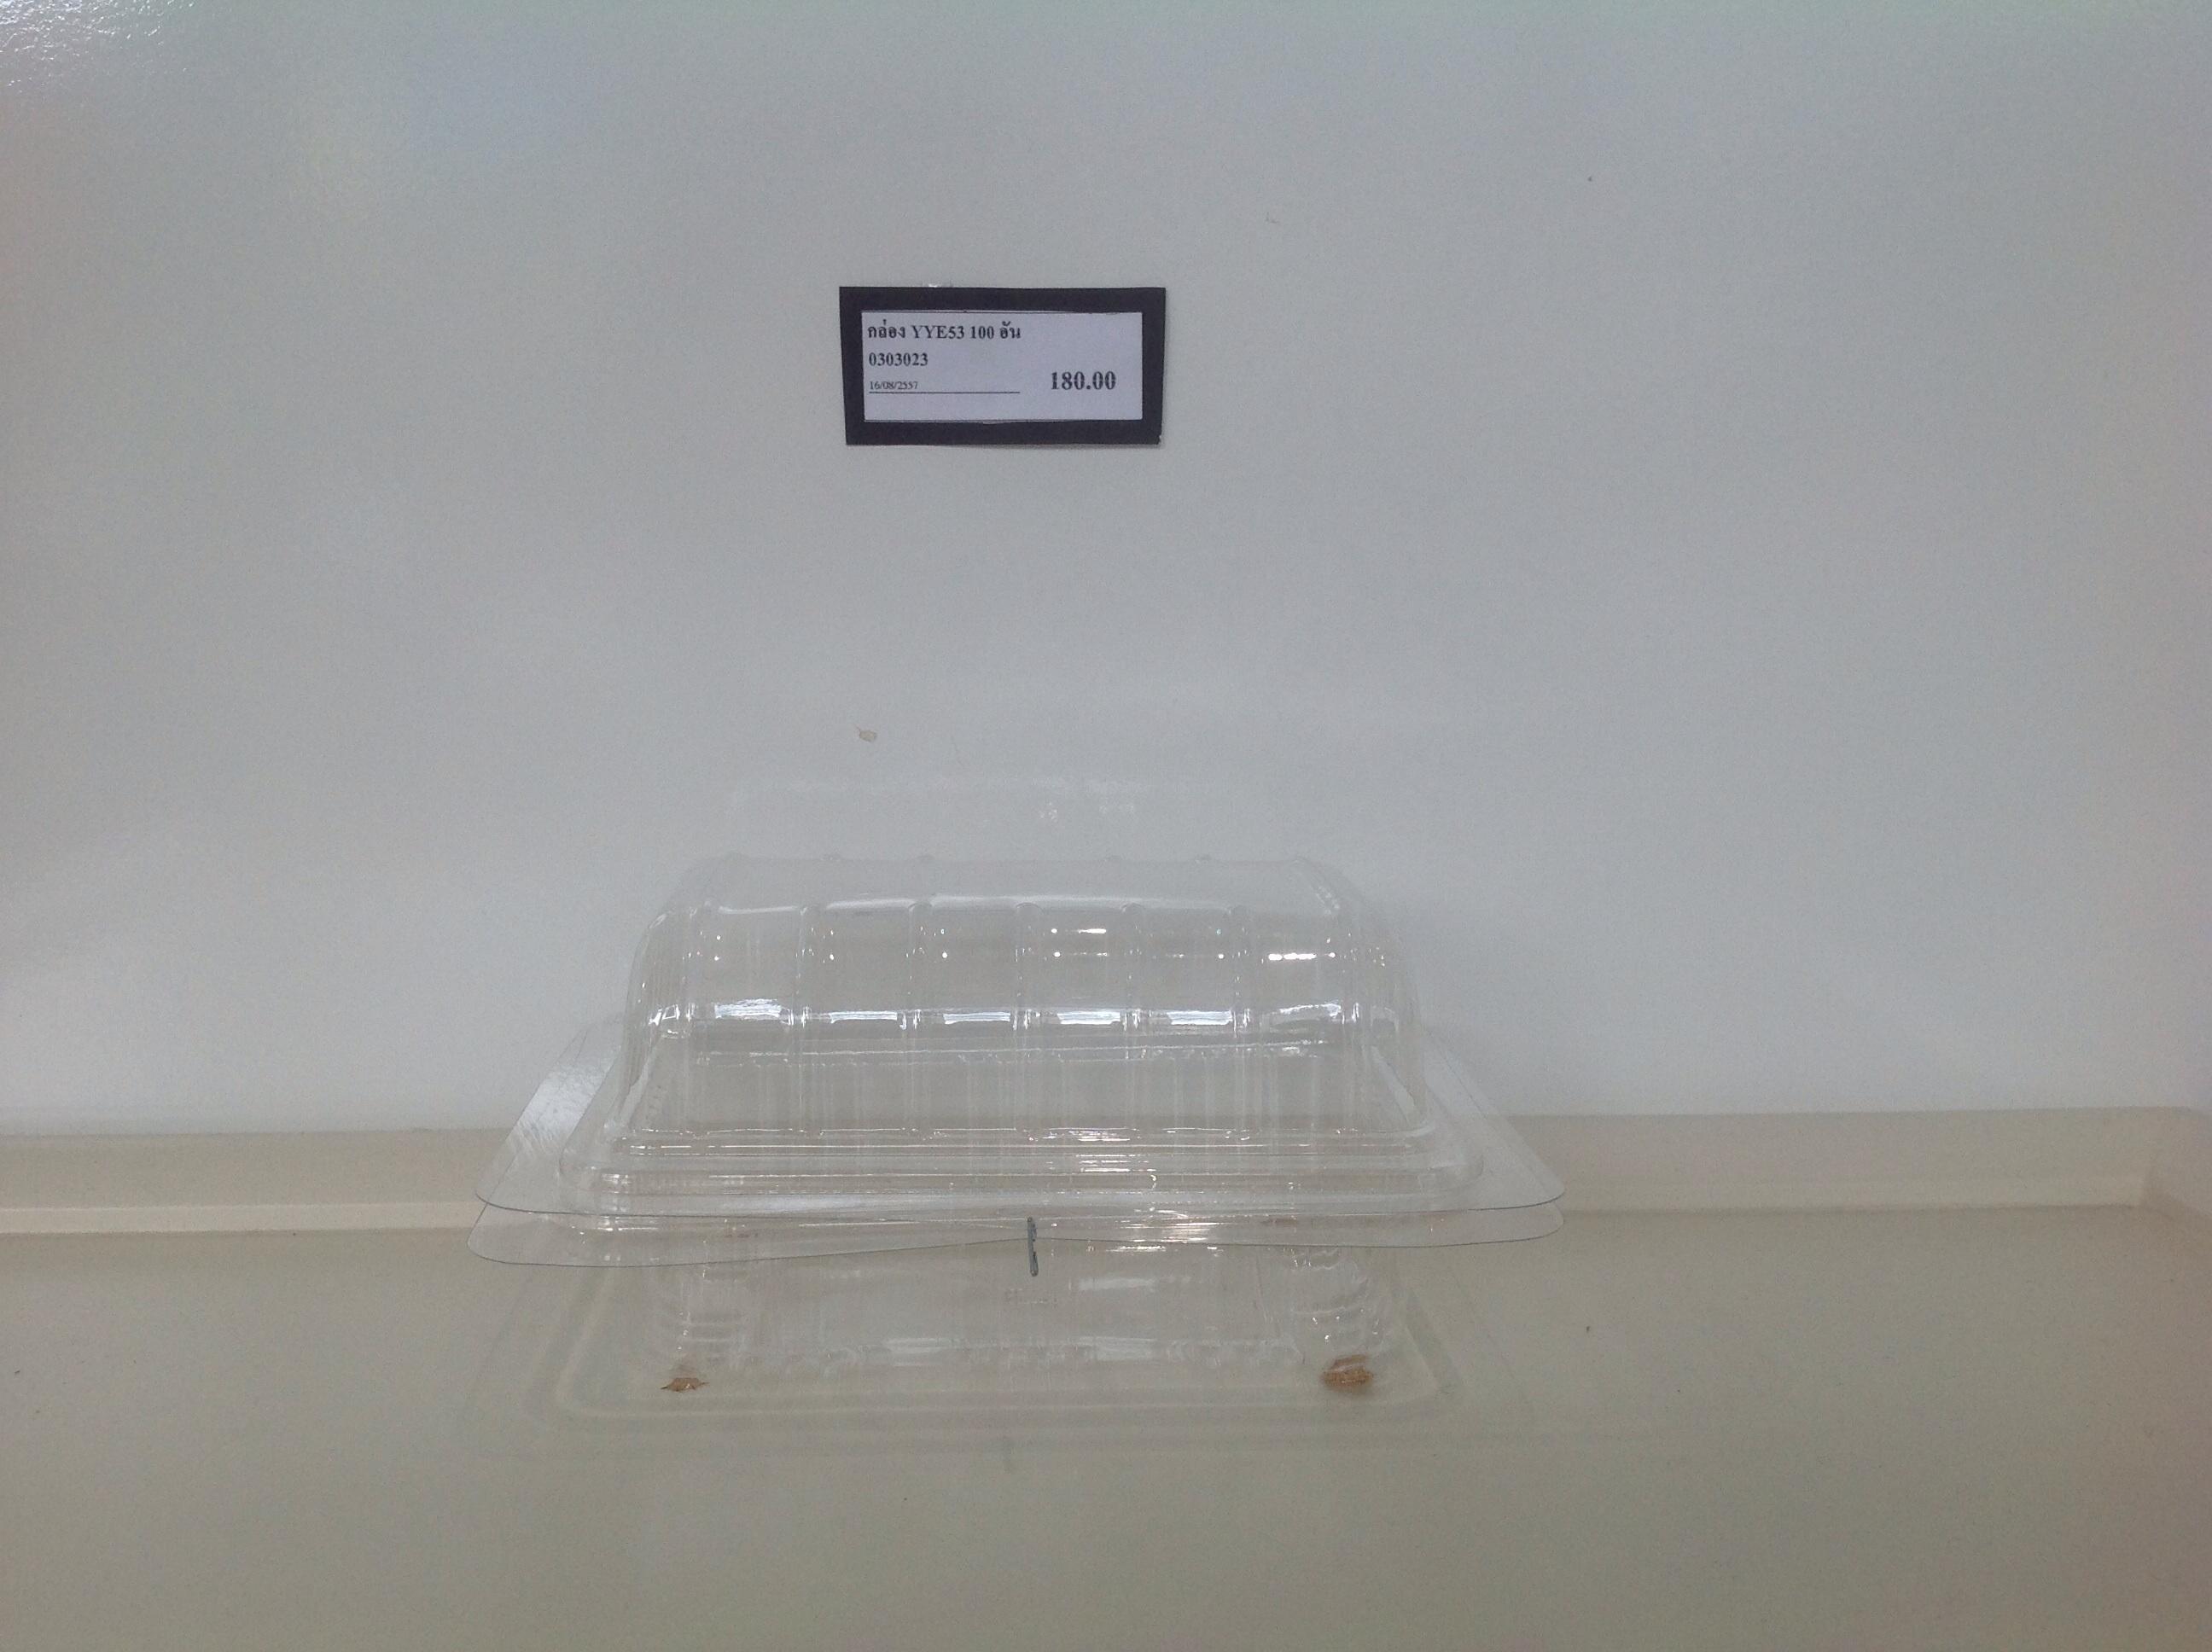 กล่อง YYE53 (1*100) กว้าง 7 ซม. ยาว 10.5 ซม. สูง 5 ซม.